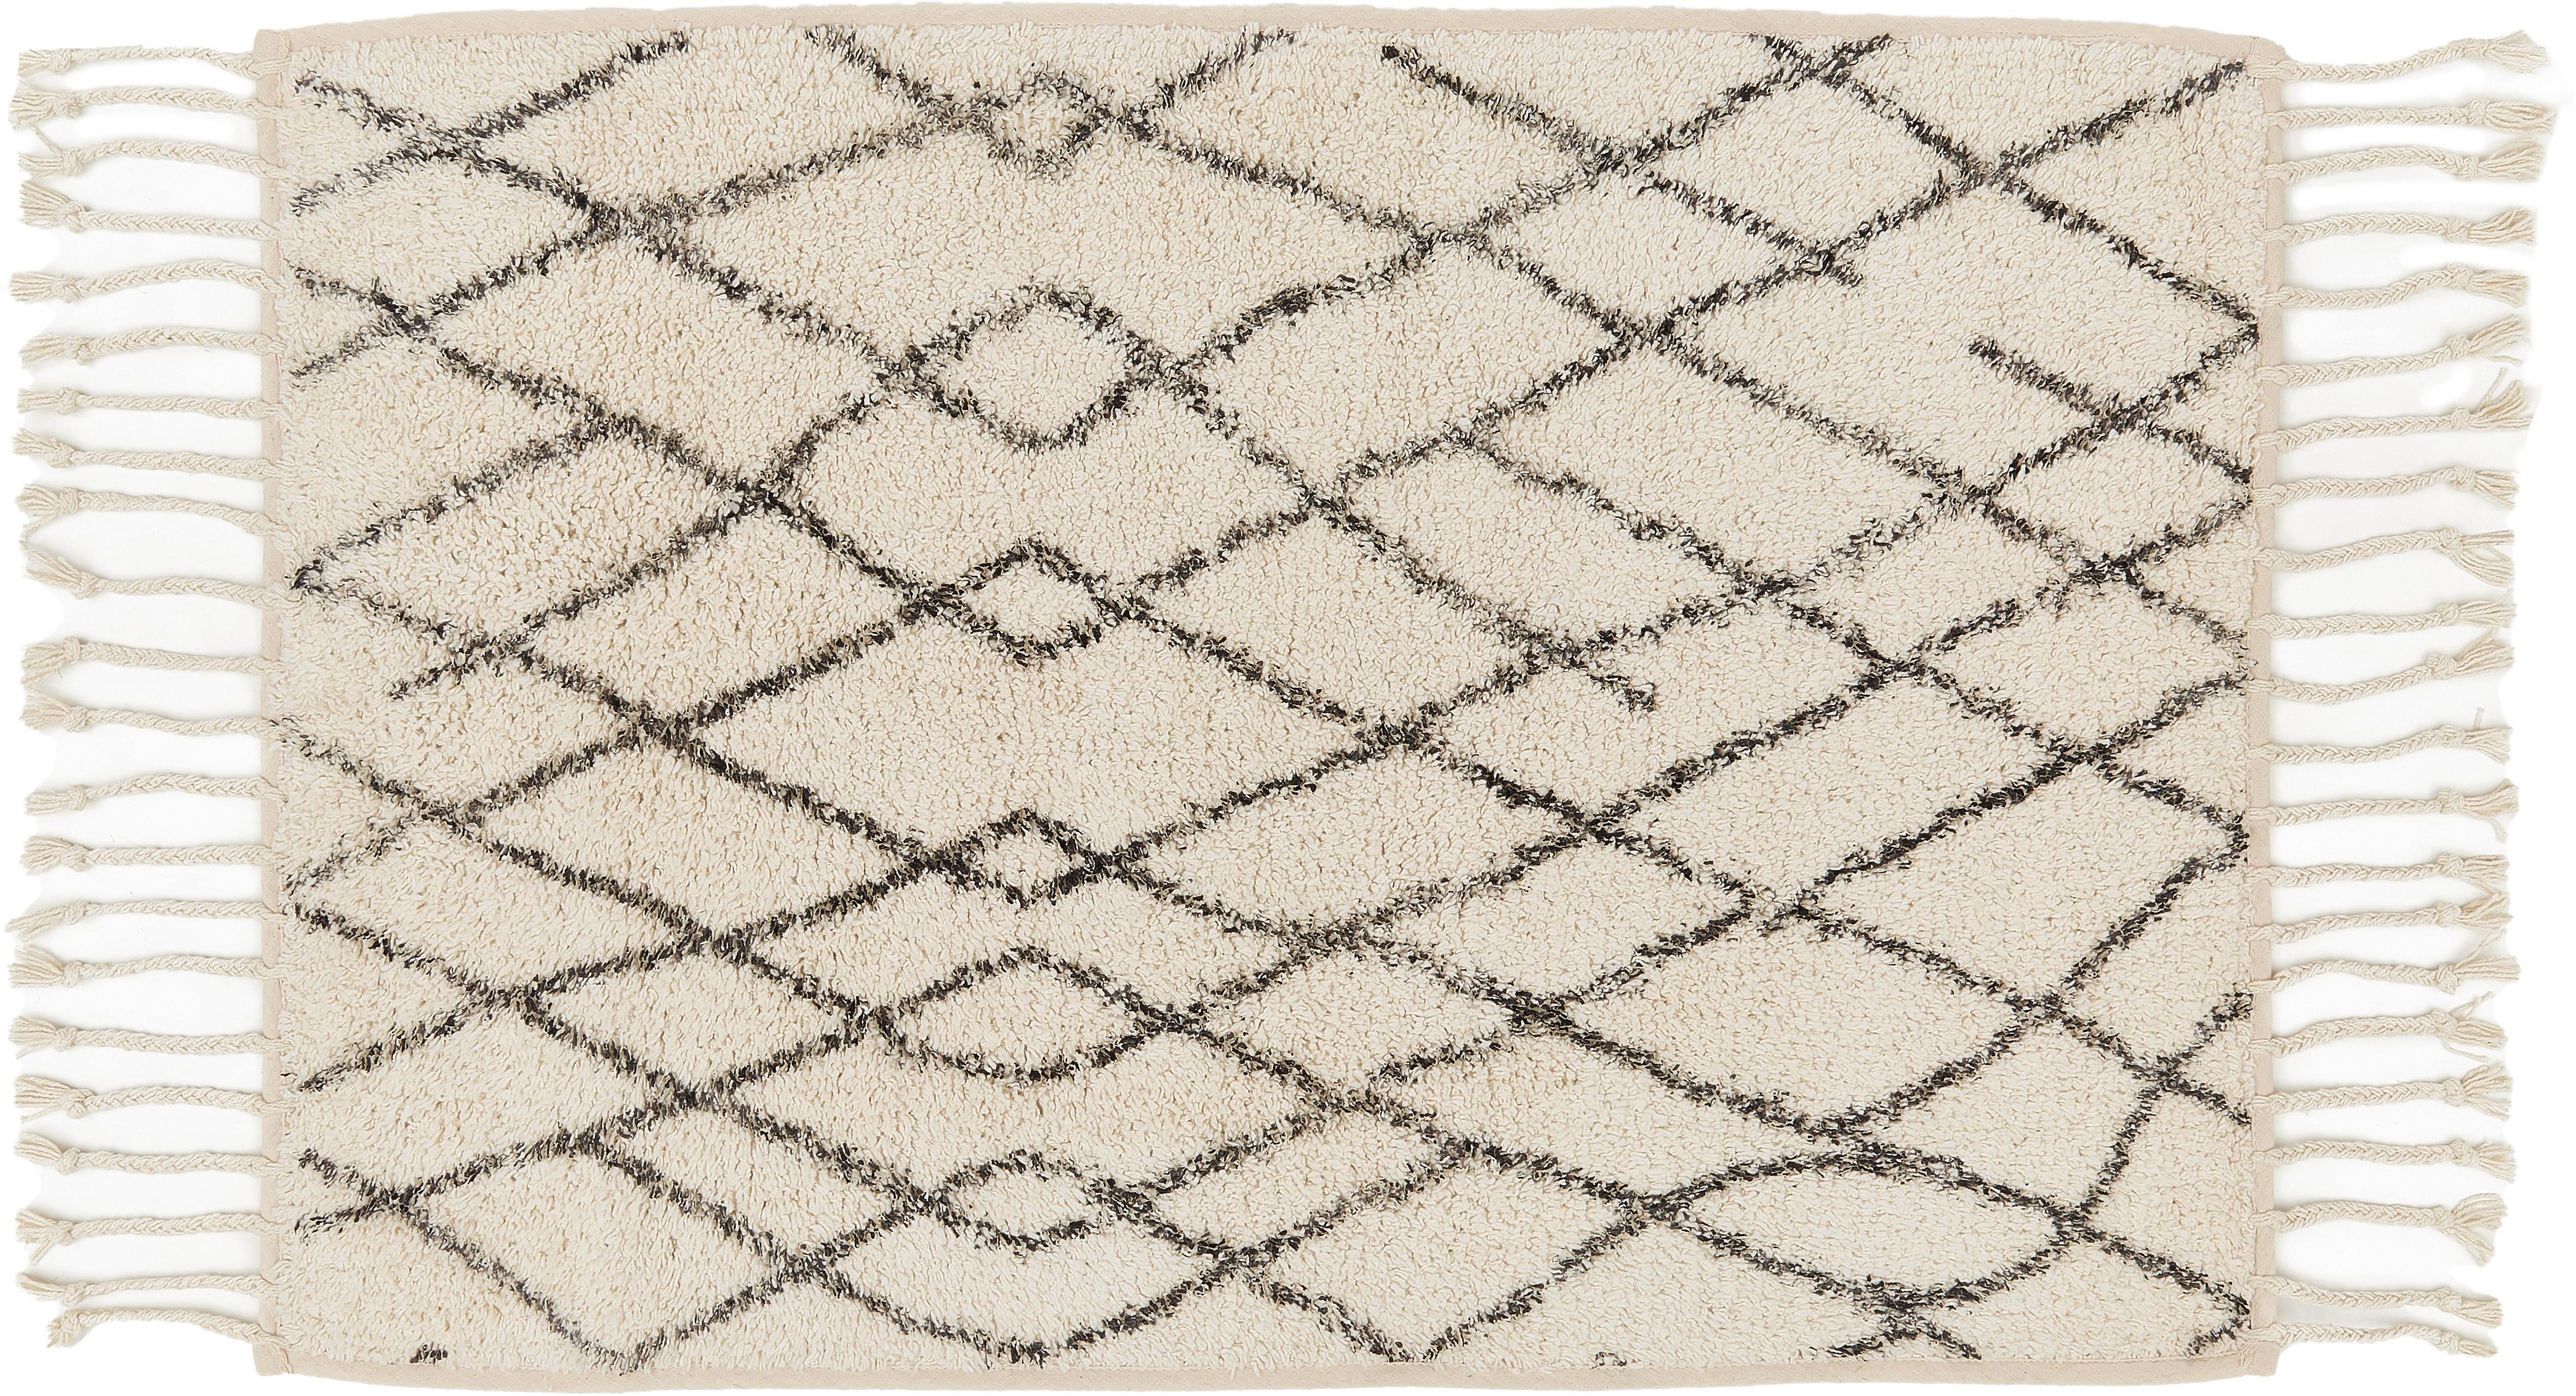 Flauschige Badematte Beth mit Quasten, rutschfest, Flor: 100% Baumwolle, Creme, Grau, 60 x 90 cm